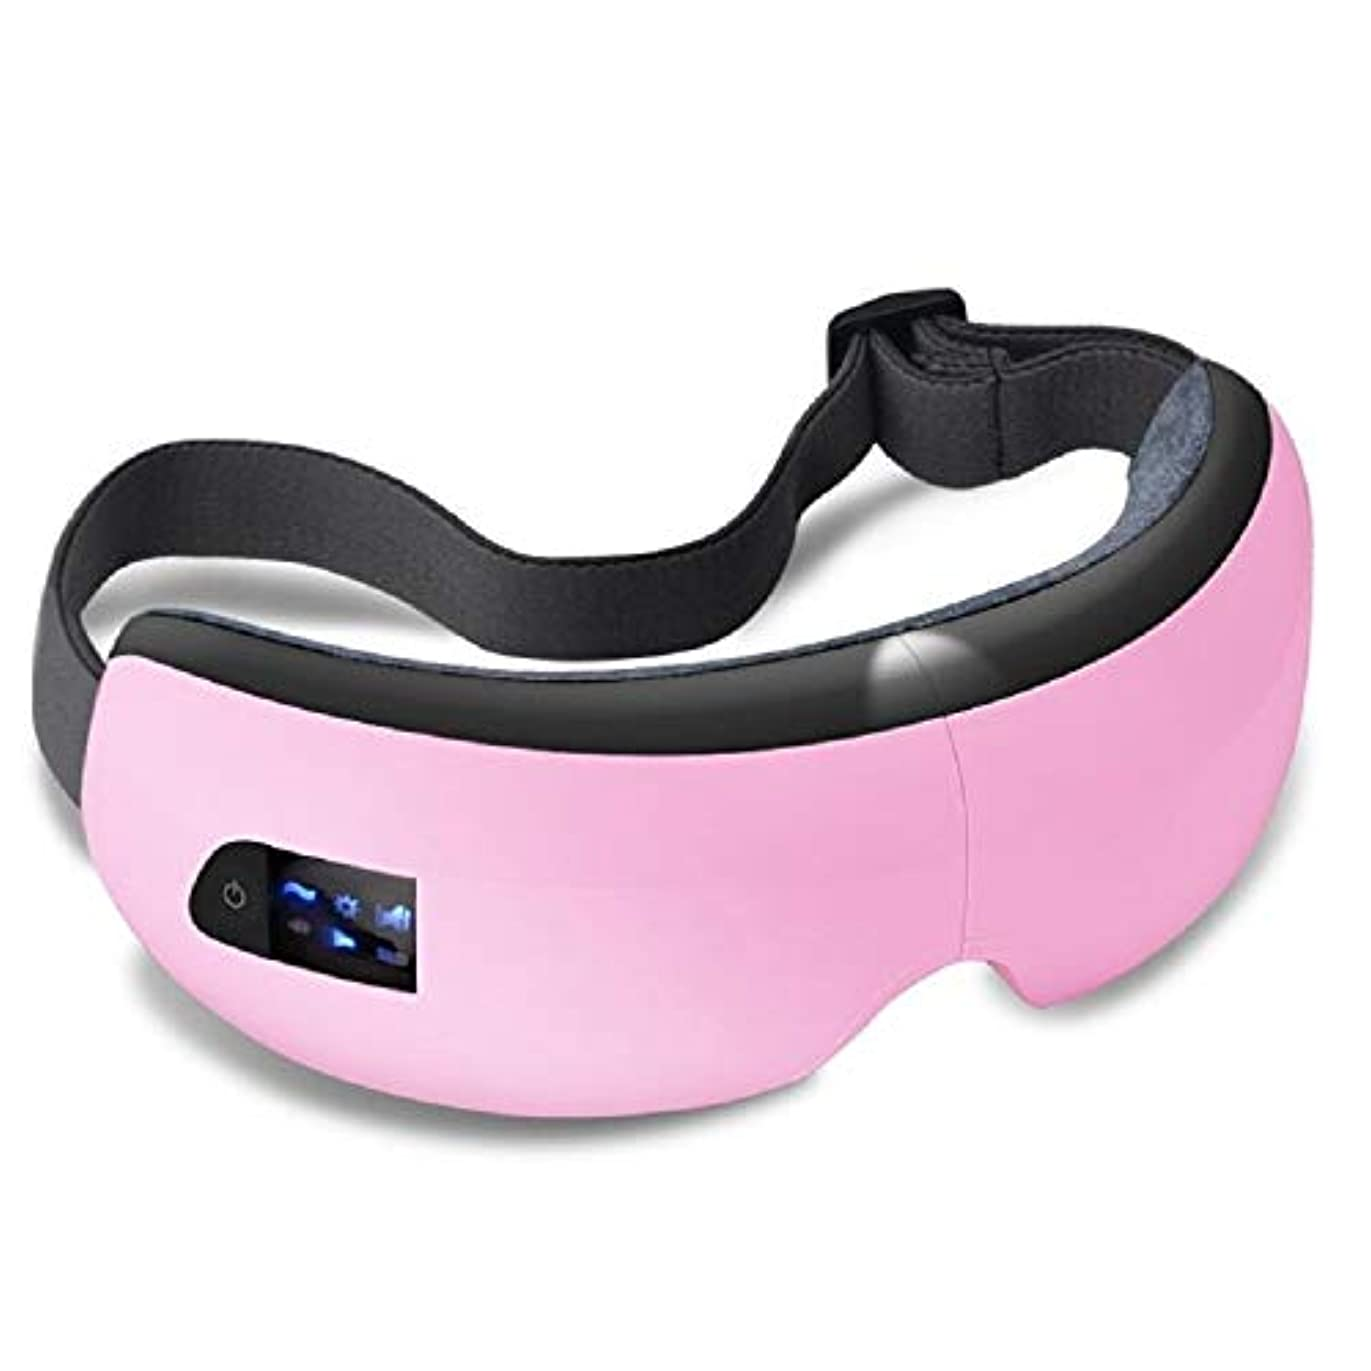 灰伝染病扇動するMeet now ホットプレス充電式アイマッサージャー付きのスタイリッシュなワイヤレスインテリジェント電気アイプロテクター 品質保証 (Color : Pink)